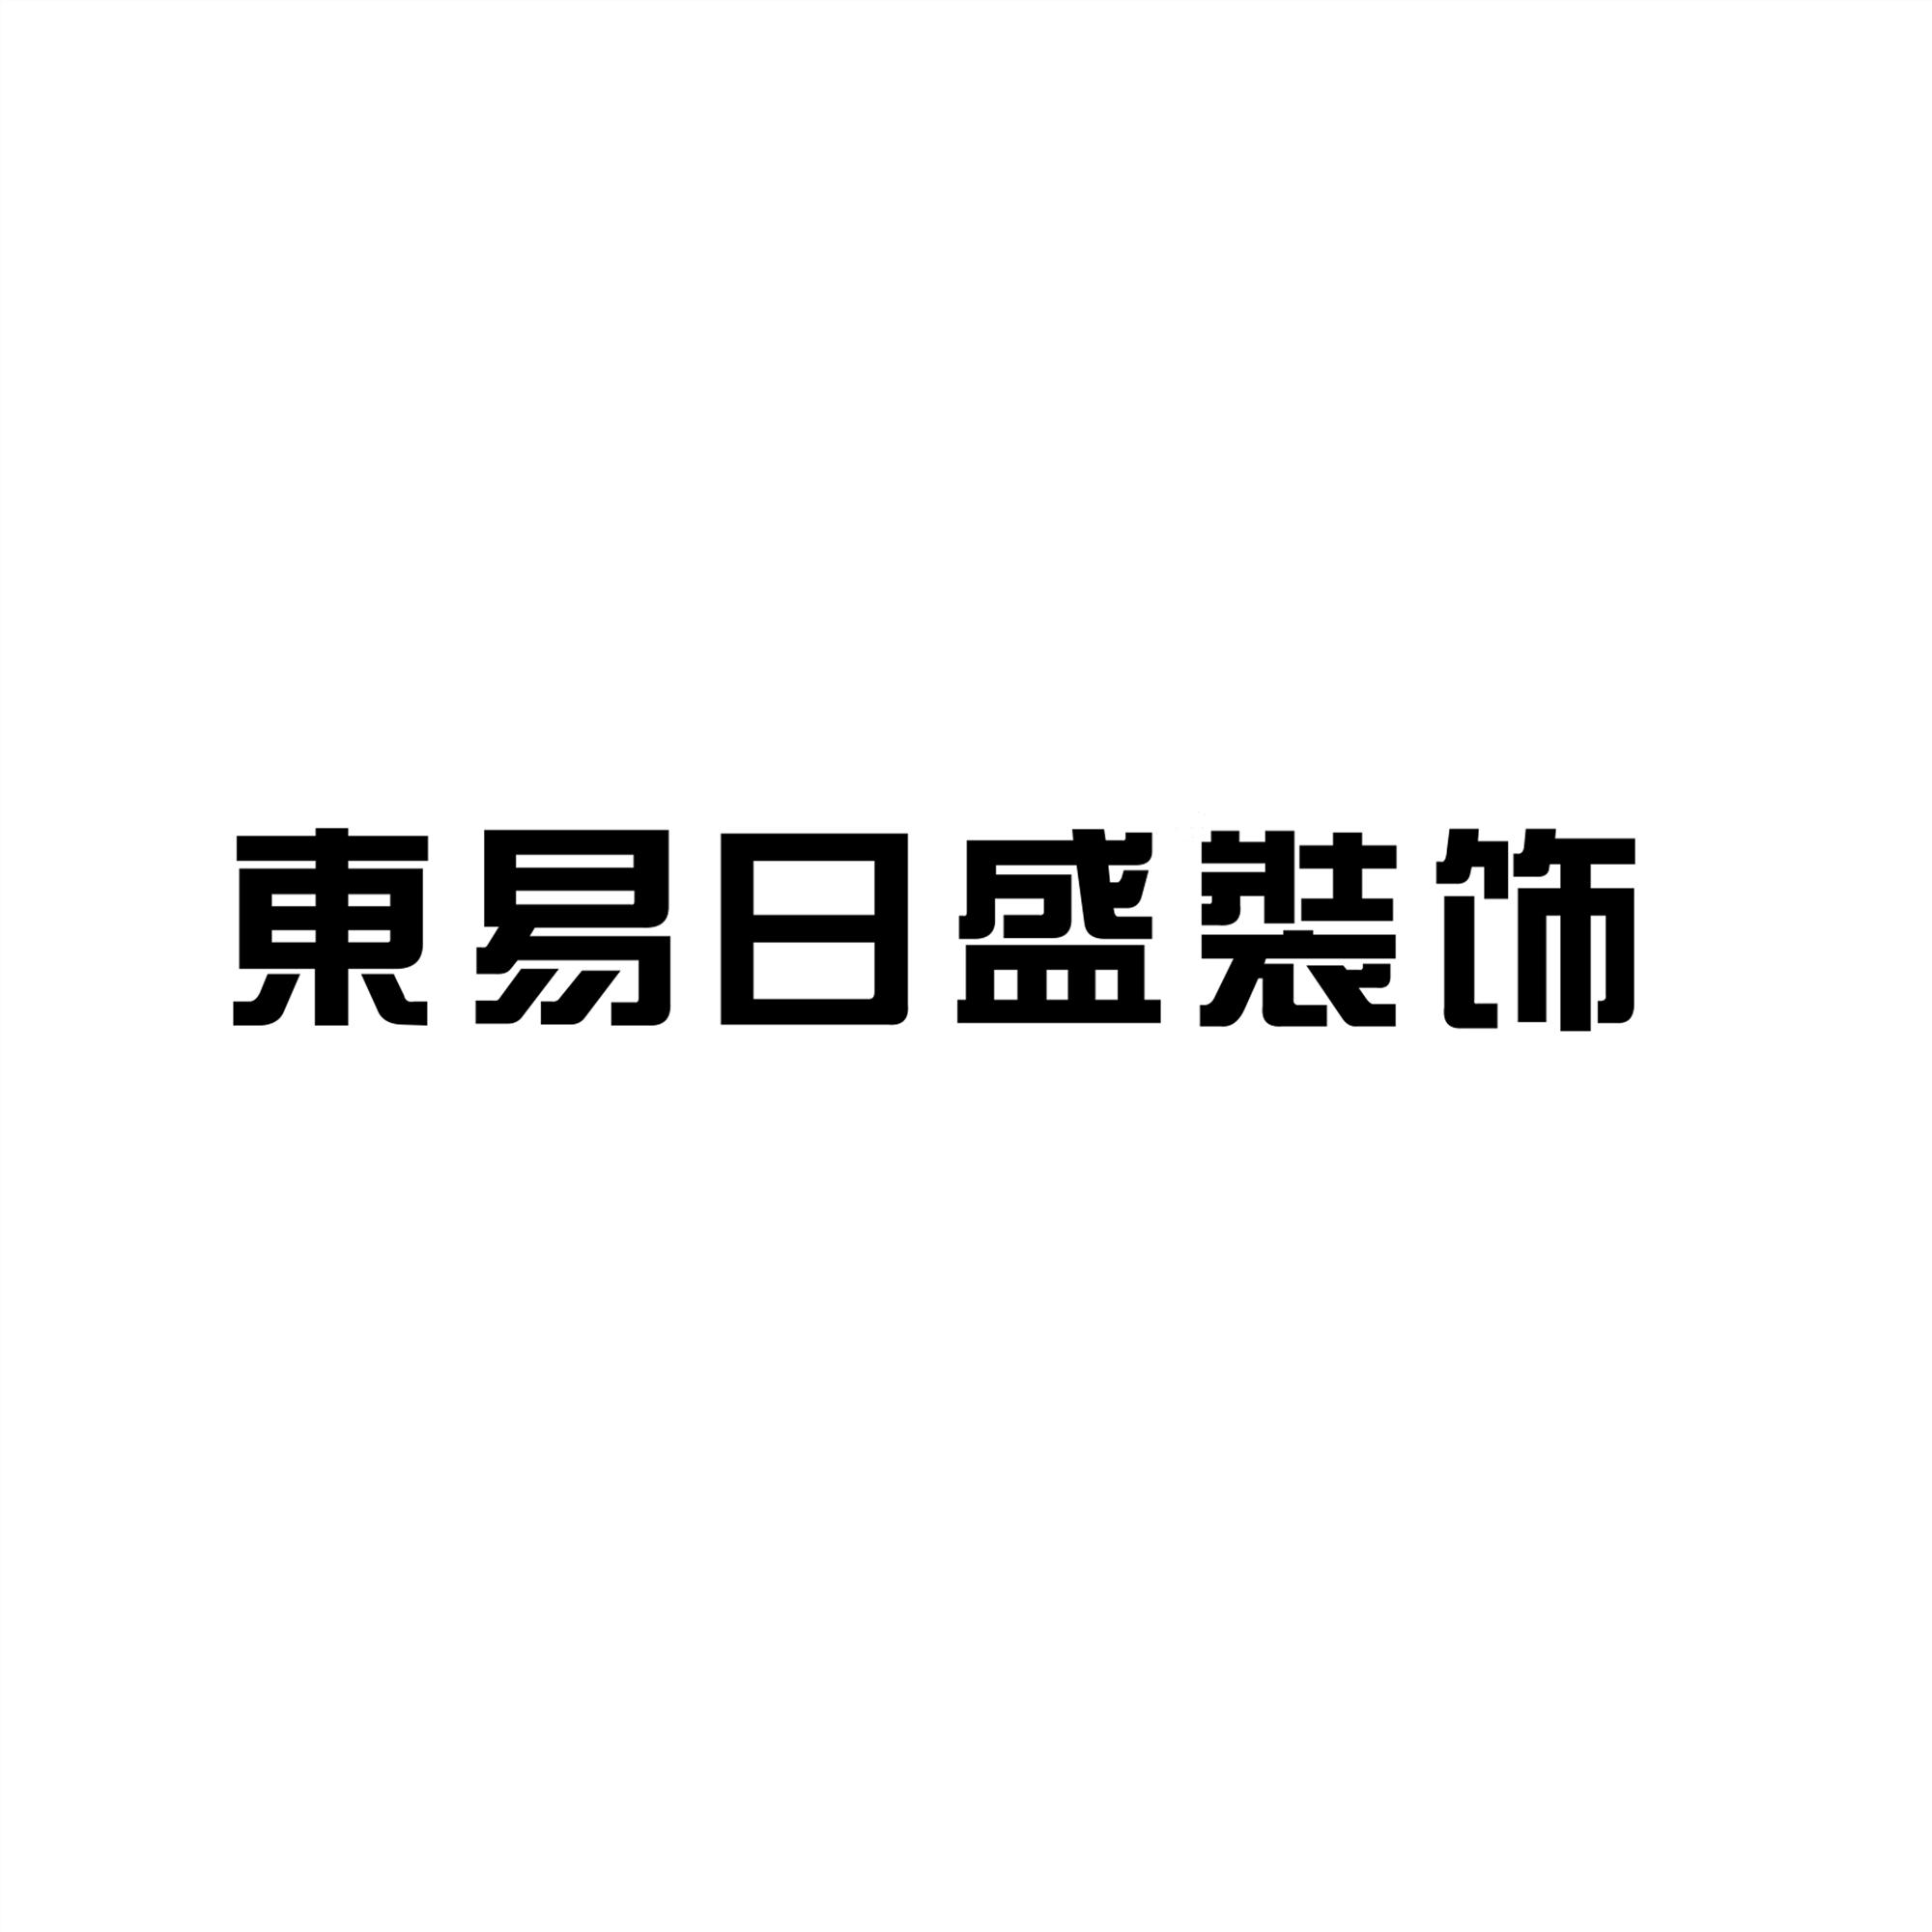 贵州尚睿大宅家居装饰有限公司